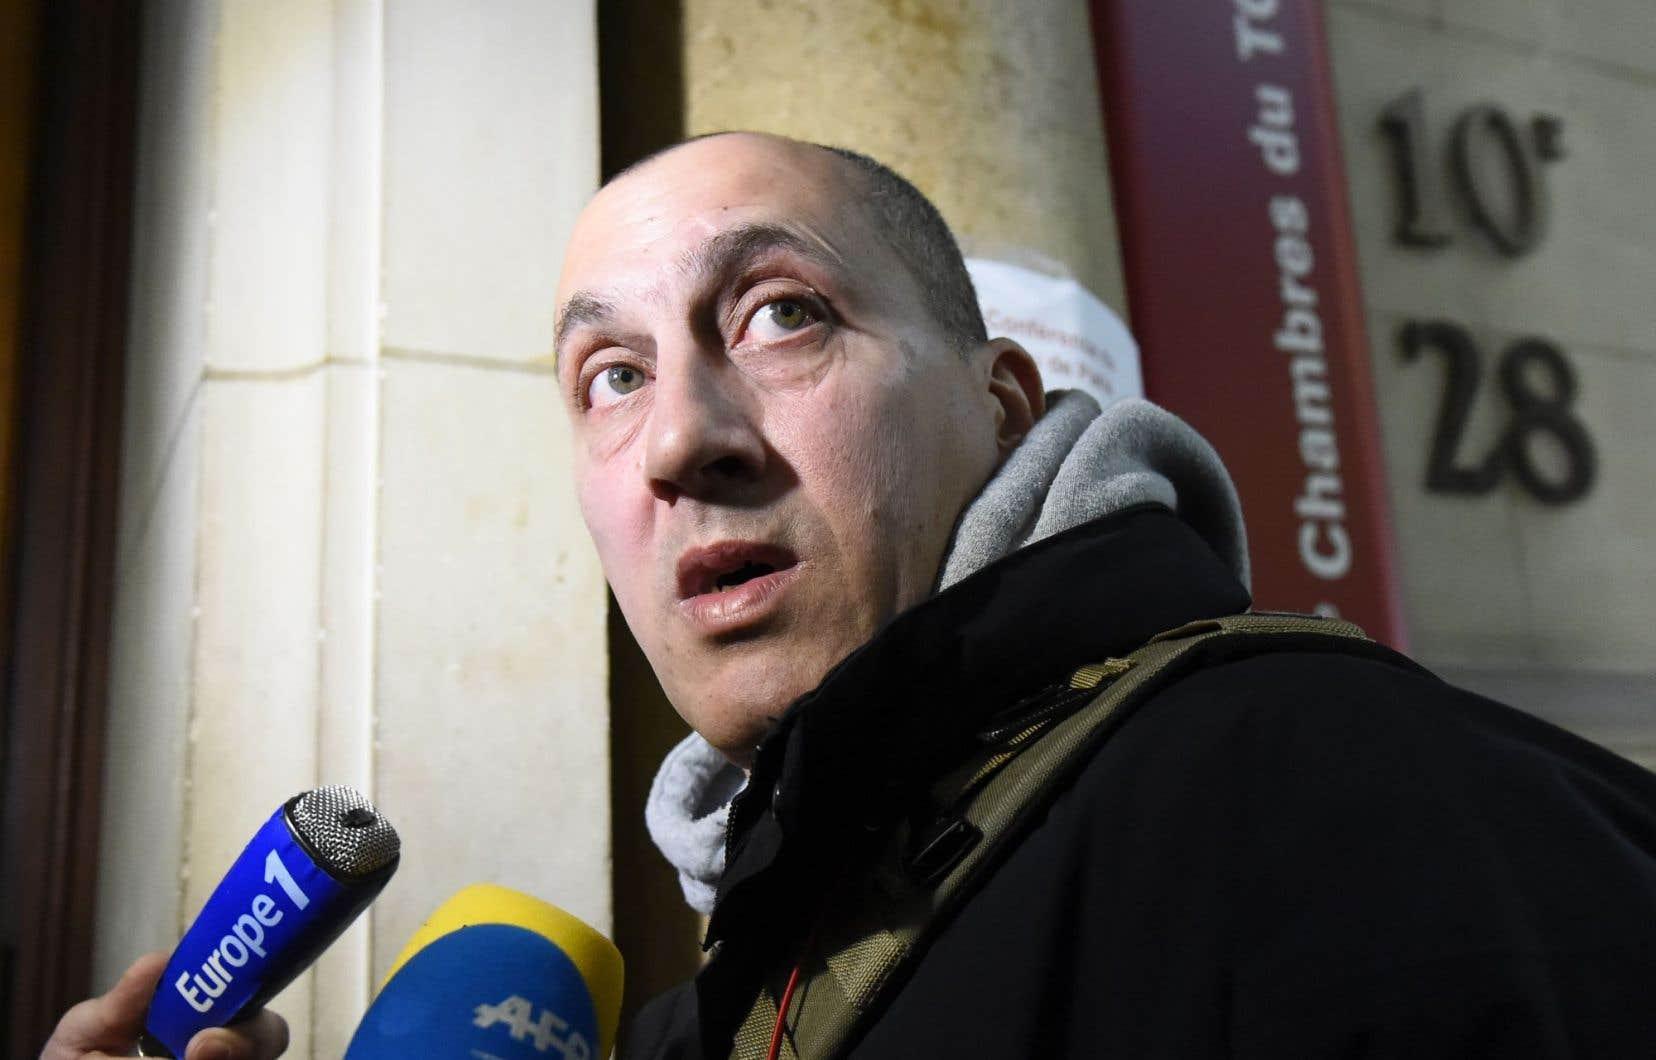 Vjeran Tomic, le principal suspect dans l'affaire du vol de cinq chefs-d'œuvre au Musée d'art moderne de Parisen 2010